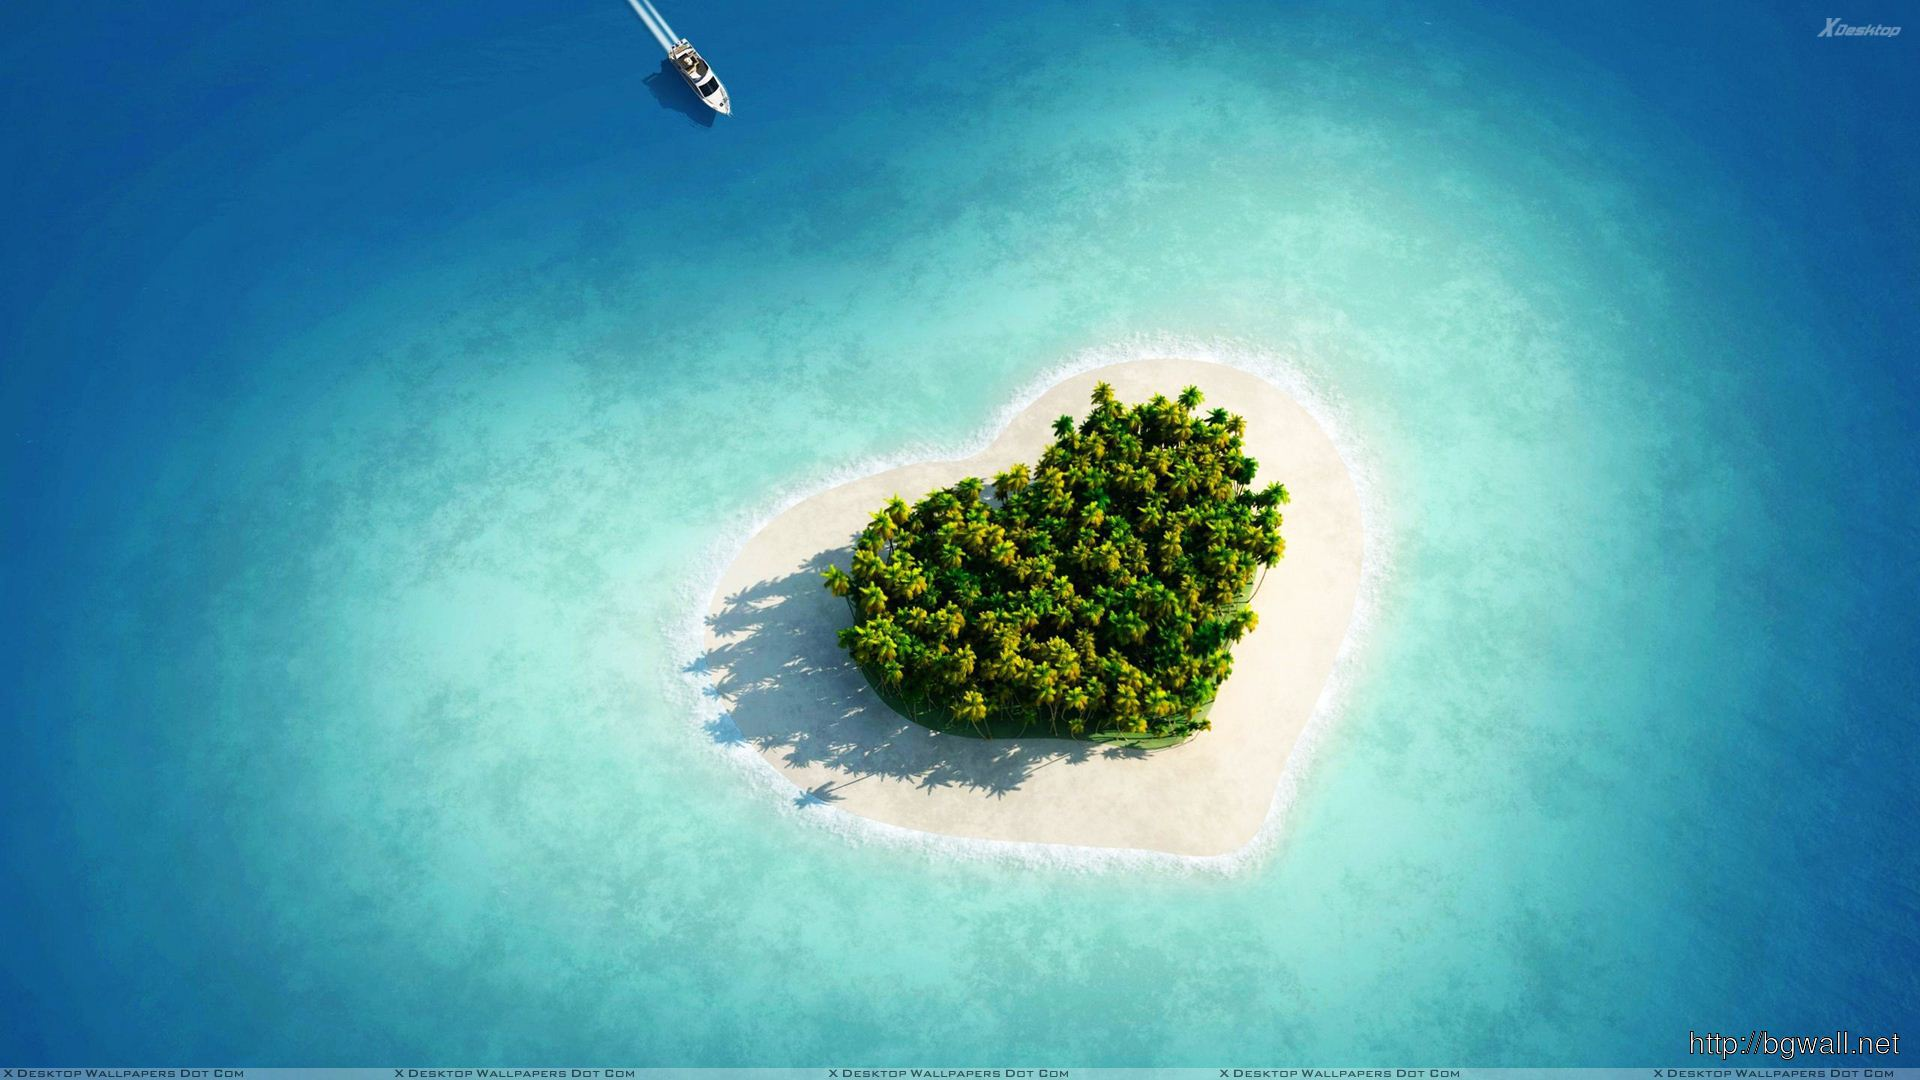 Heart Shape Island Wallpaper Full Size